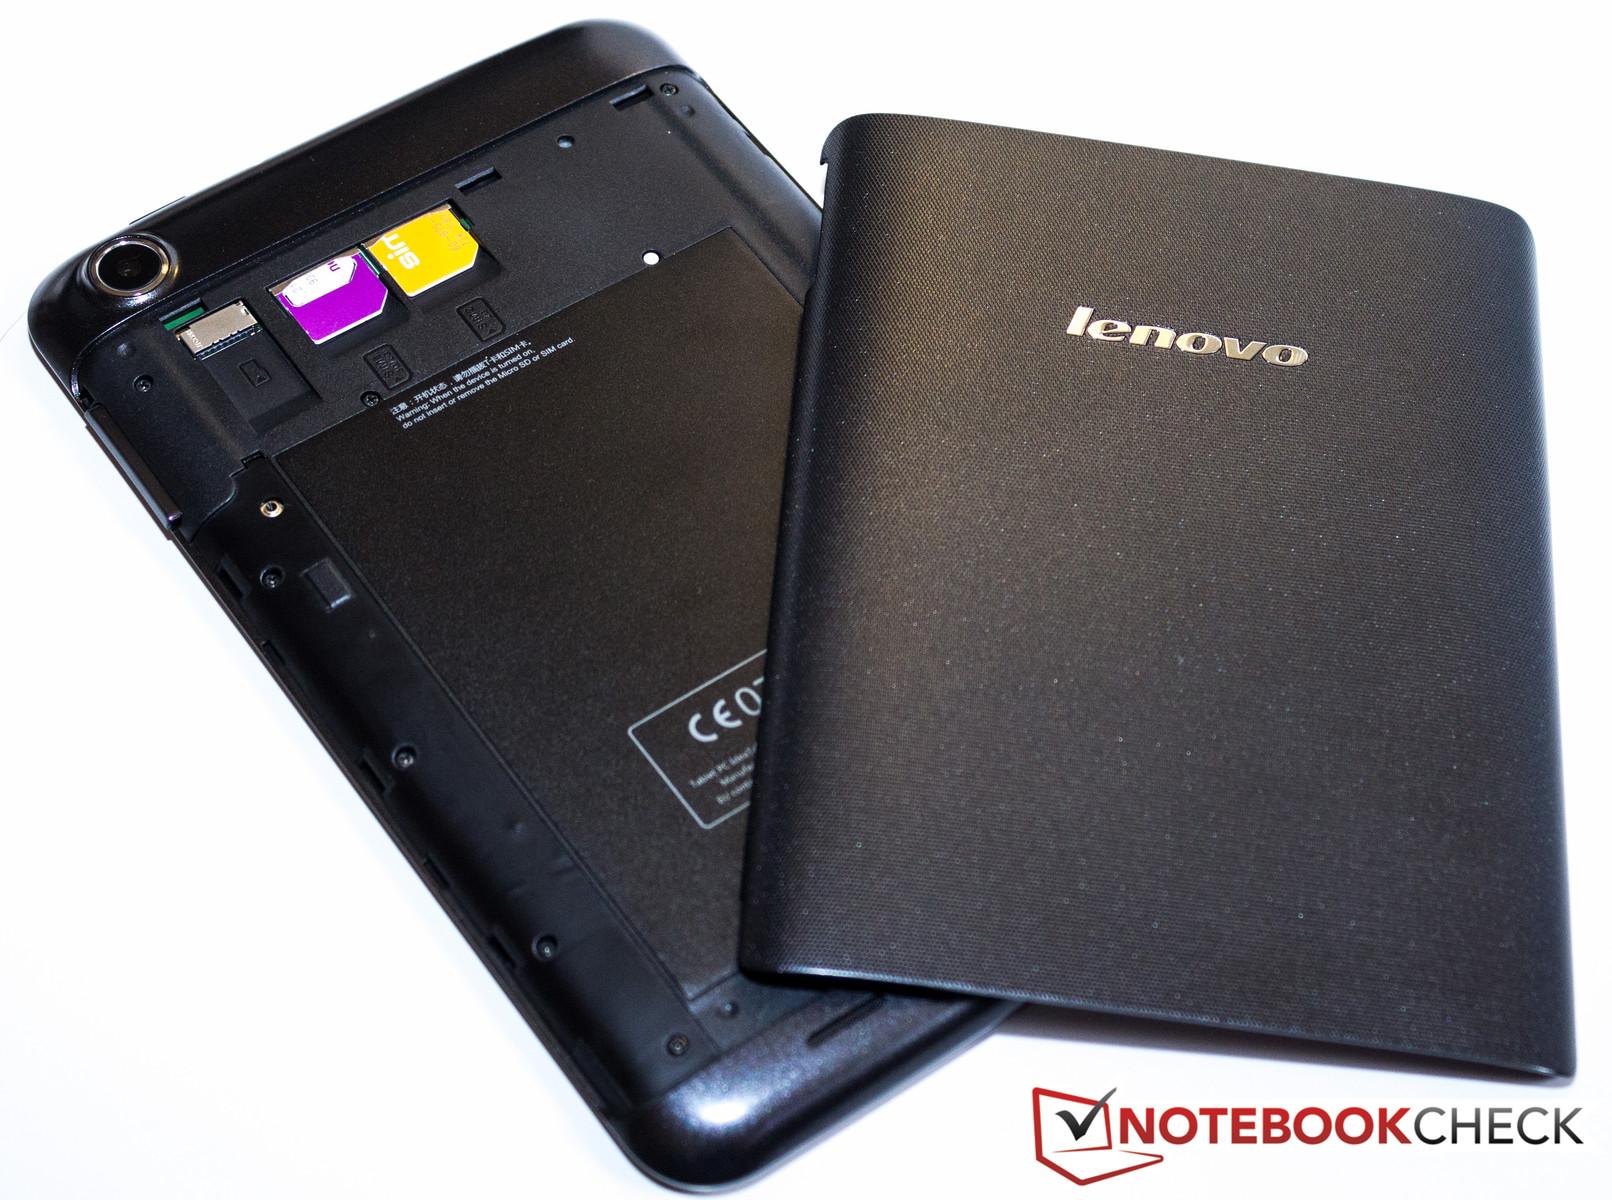 Test Lenovo Ideatab A3000 H Tablet Tests A3500 16gb Midnight Blue Der Akku Lsst Sich Nicht So Einfach Wechseln Wie Es Erscheint Denn